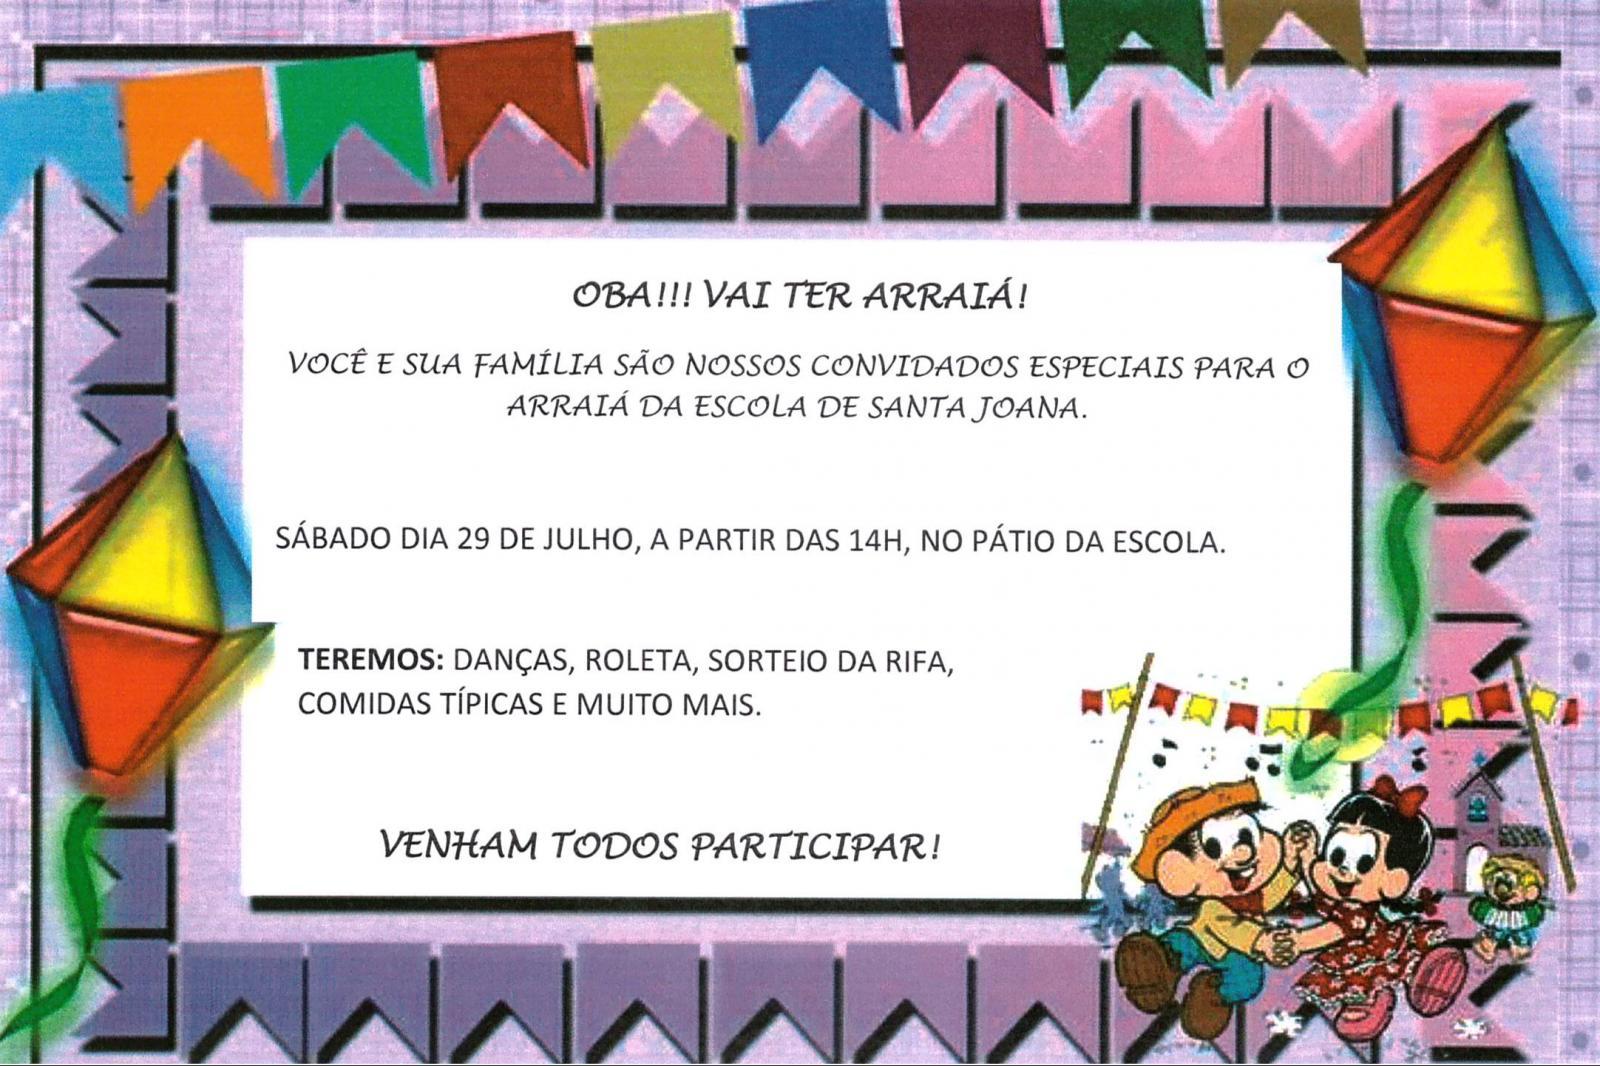 Convite: Arraiá da Escola de Santa Joana